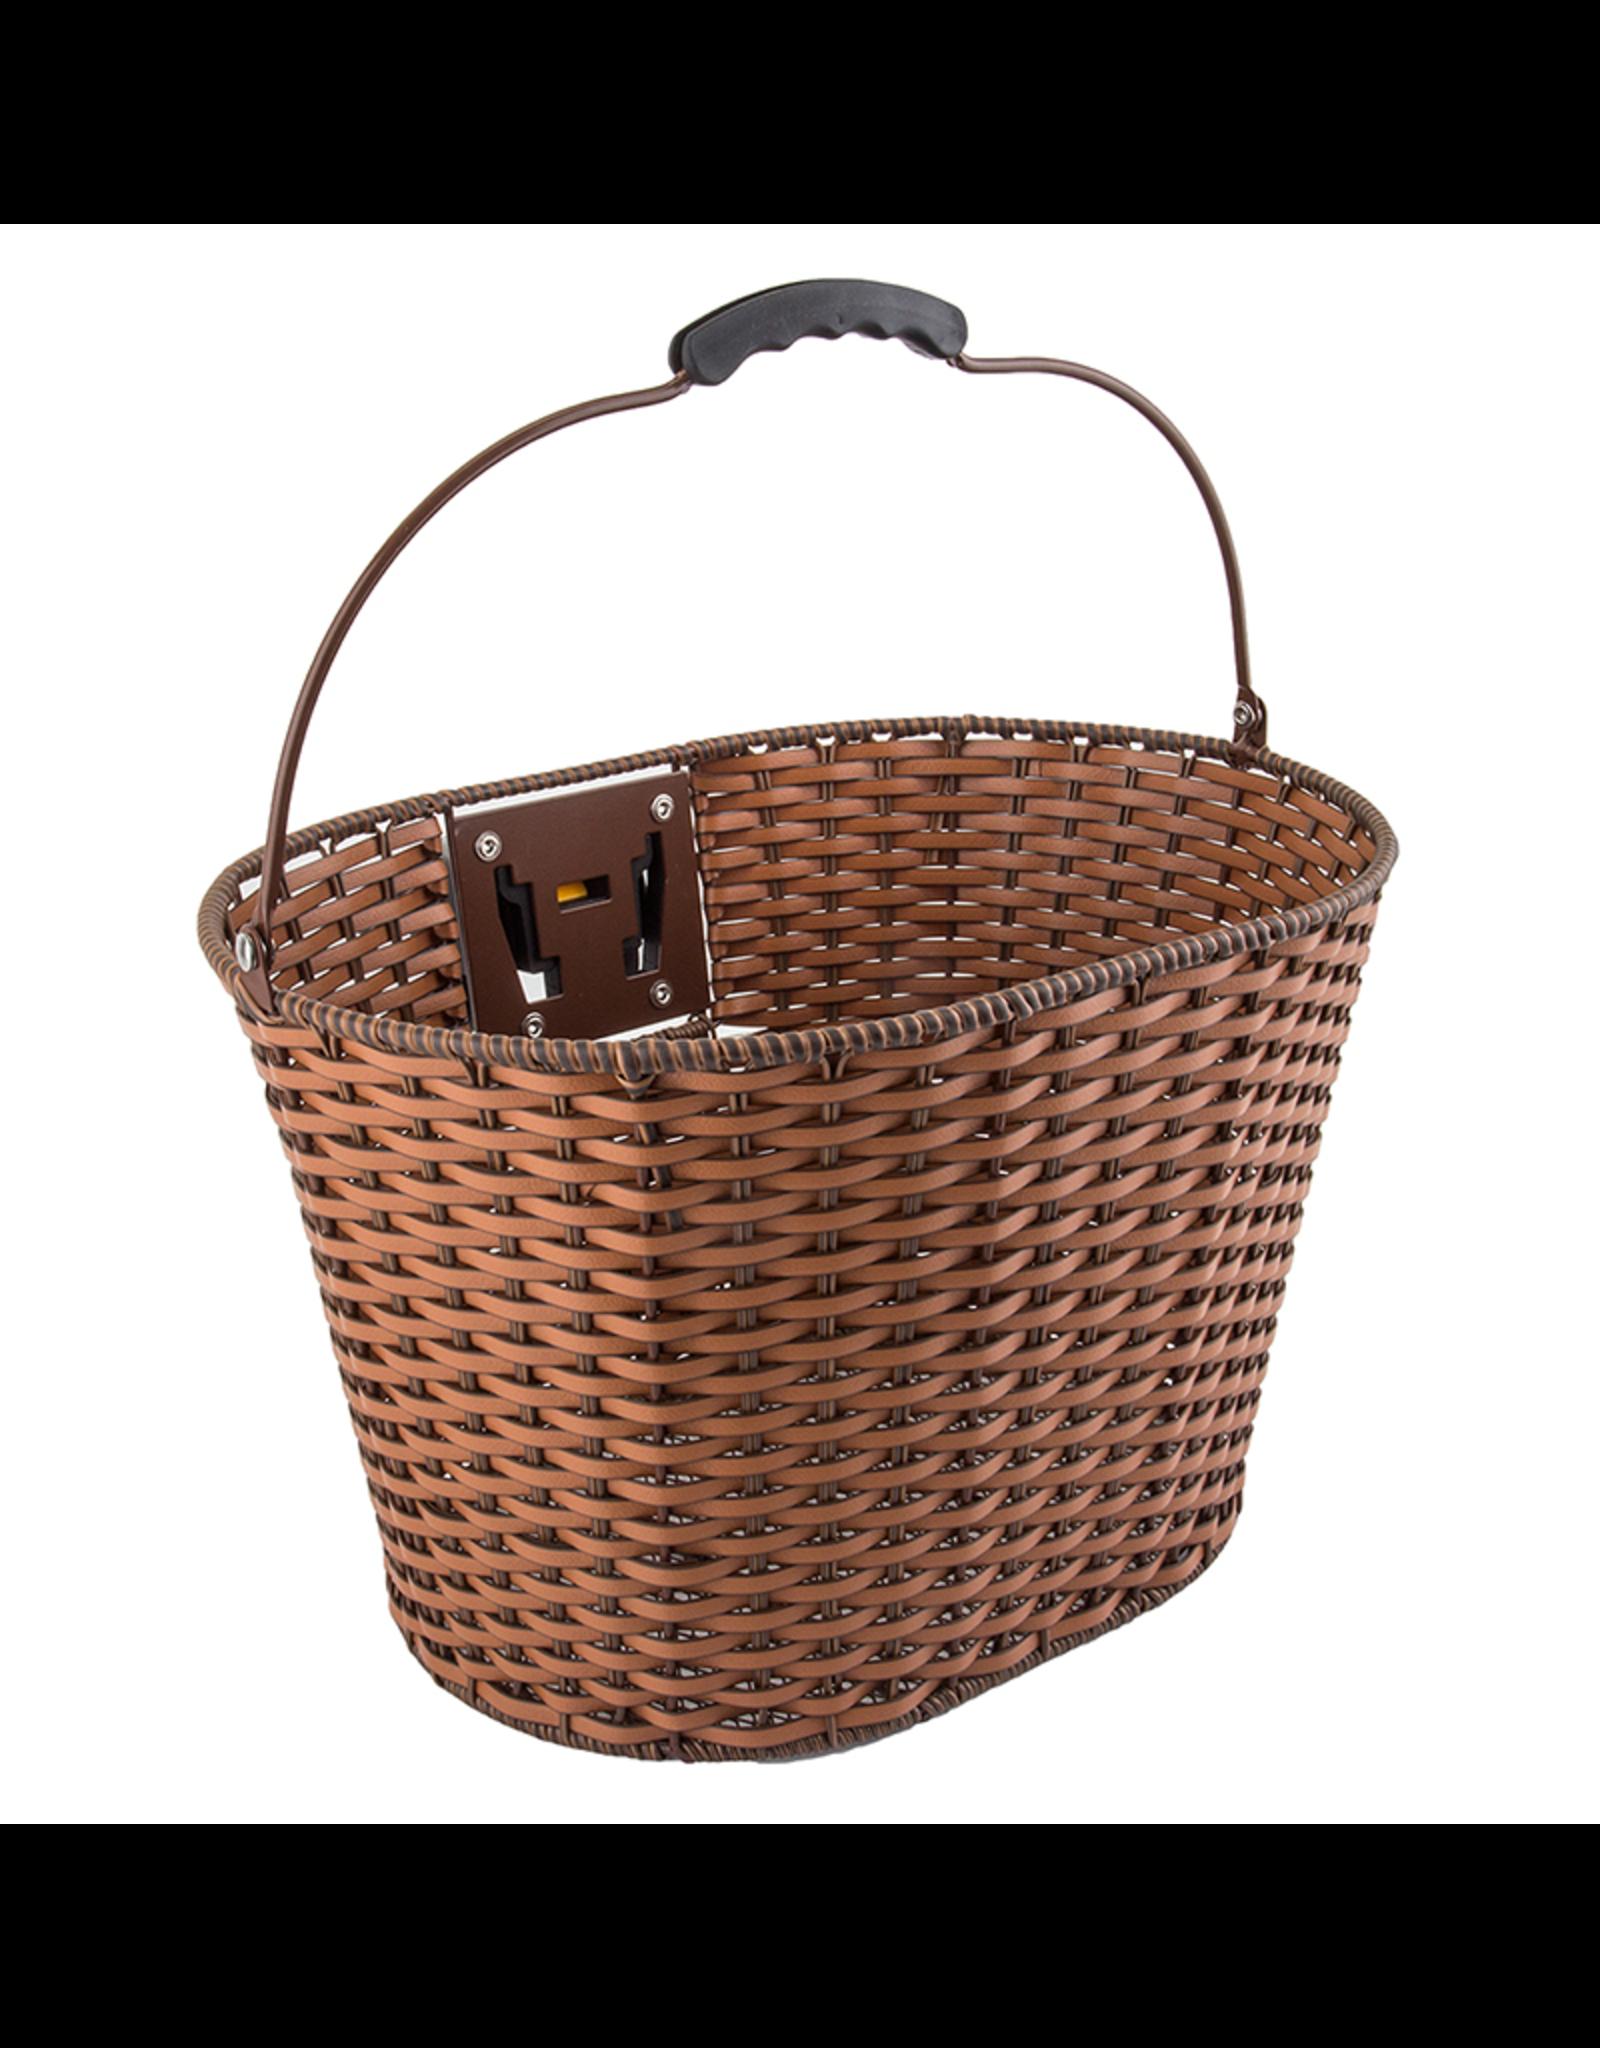 Sunlite Front Basket SunLite Rattan Q/R Brown w/bracket